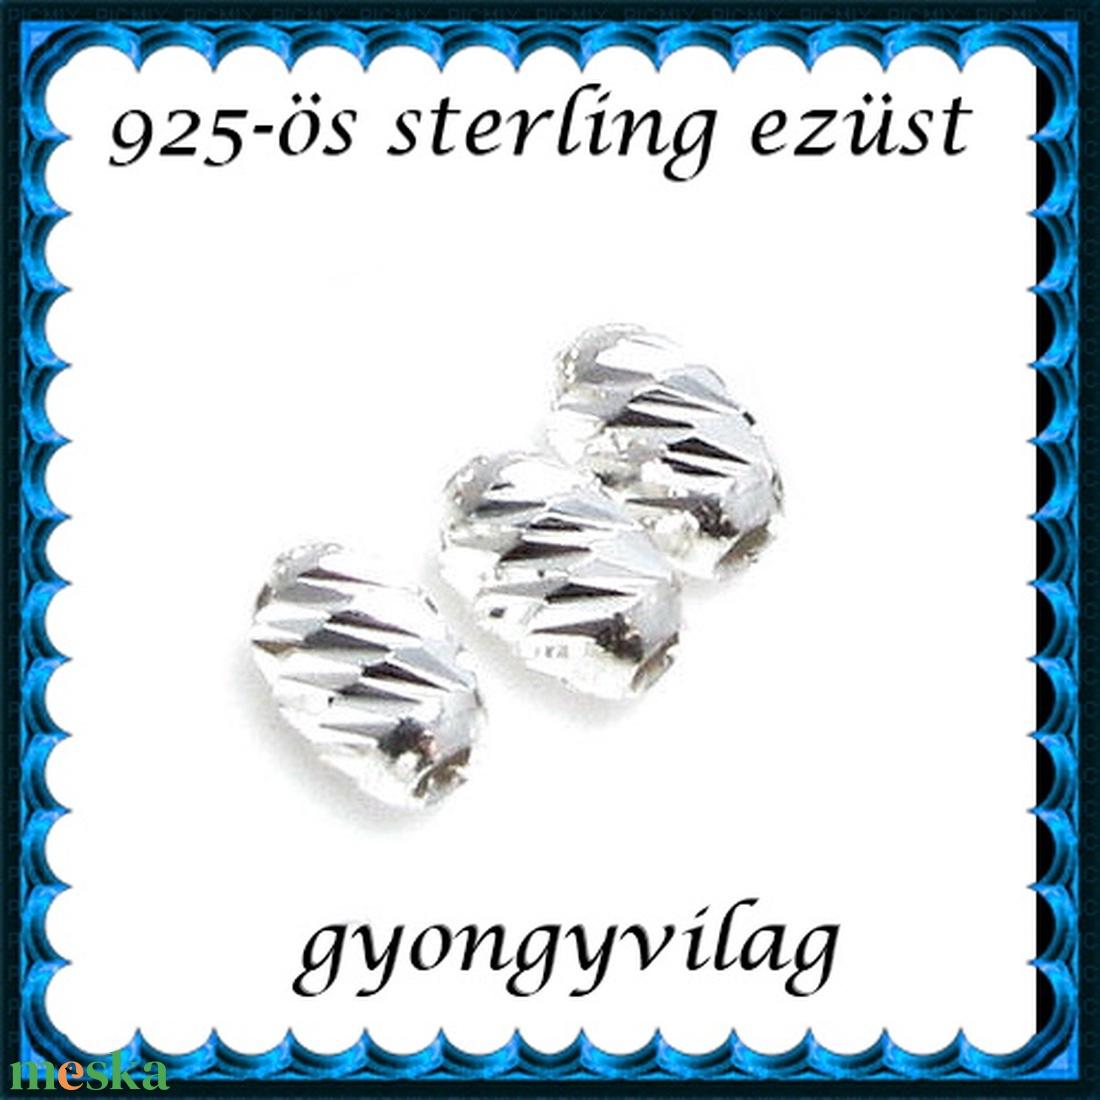 925-ös ezüst köztes / gyöngy / dísz EKÖ 96 - gyöngy, ékszerkellék - fém köztesek - Meska.hu